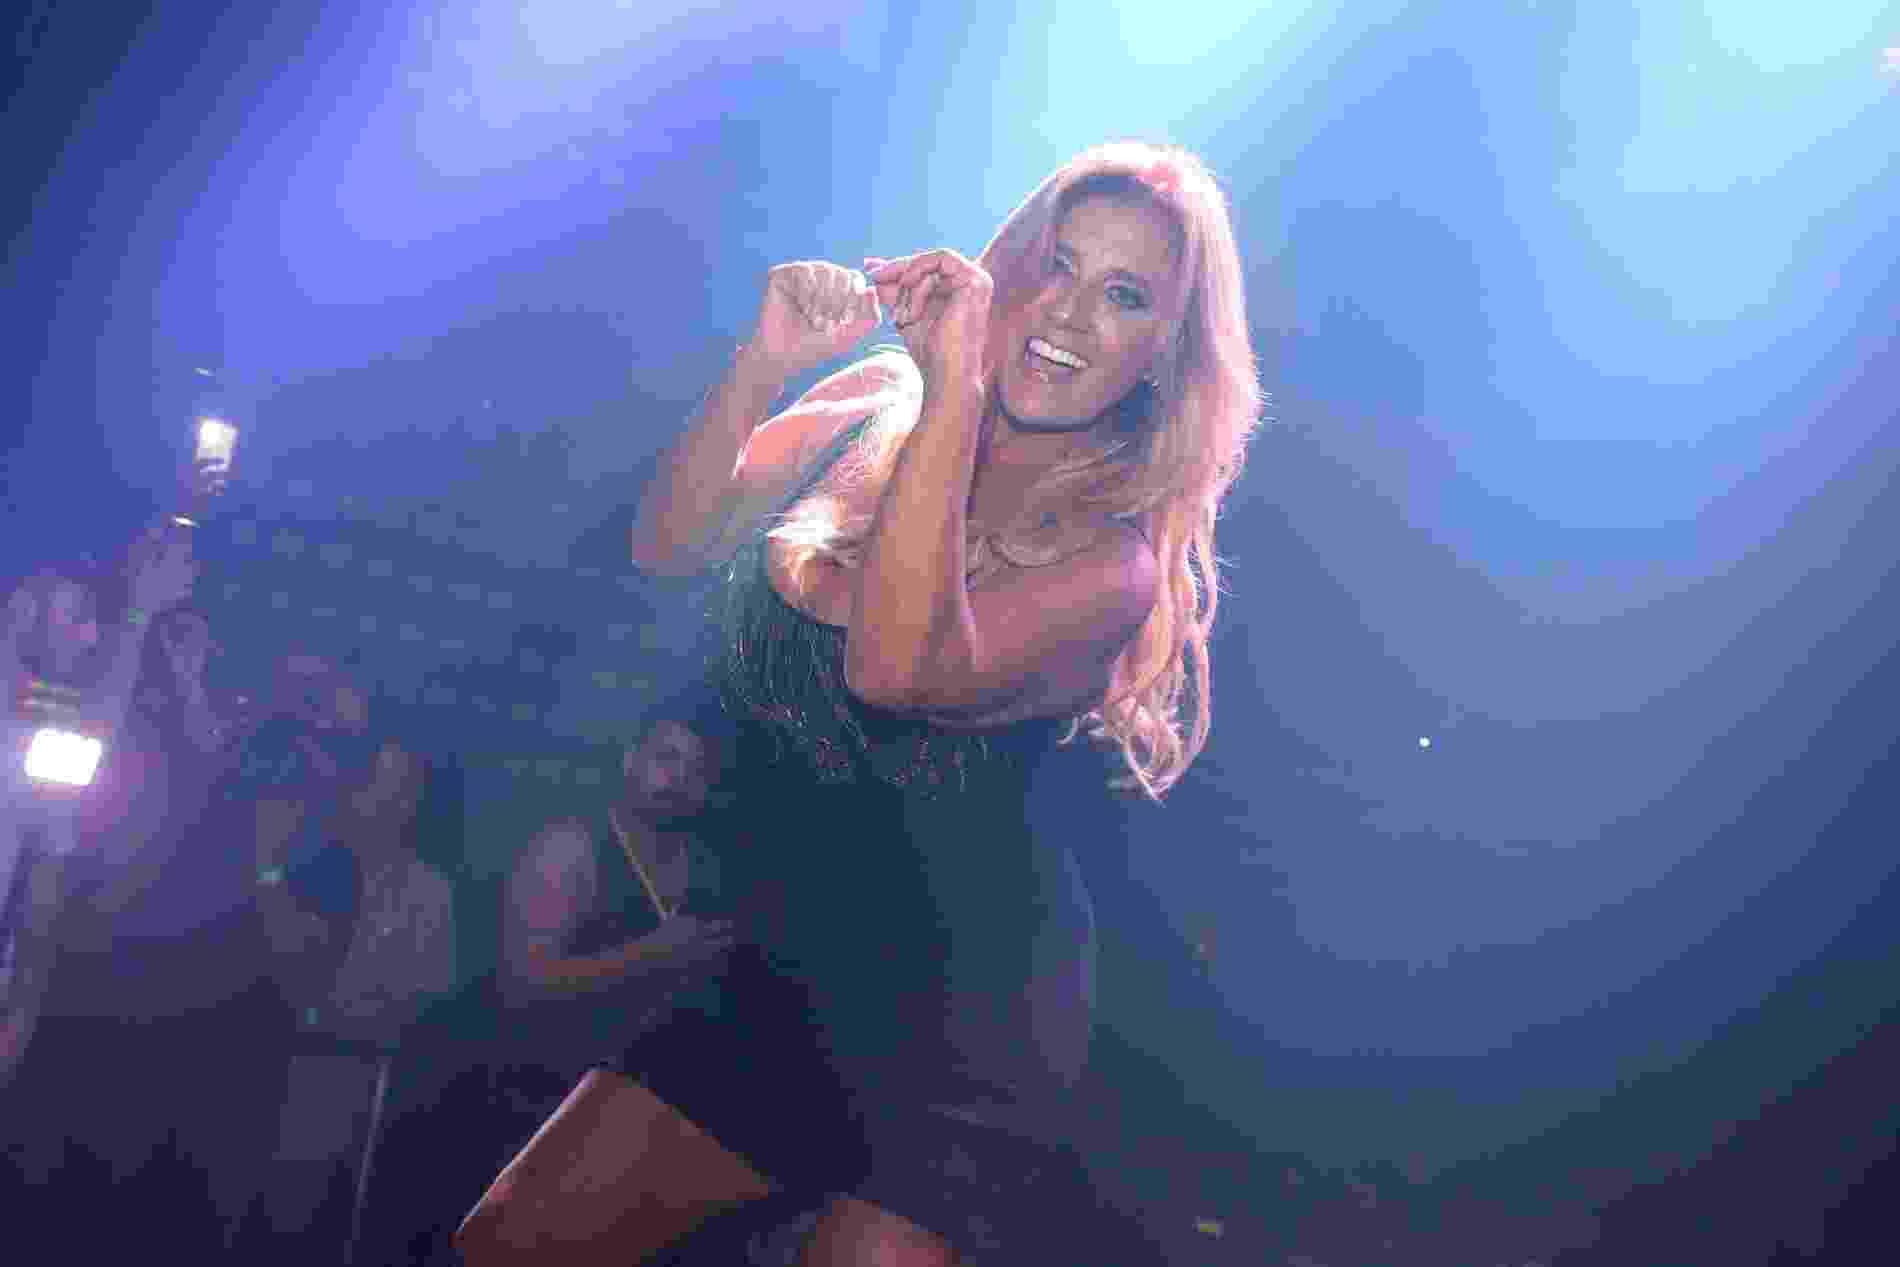 """A cantora Rita Cadillac lançou o primeiro videoclipe da carreira """"É Bom Para o Moral"""" com muito rebolado e selinhos, numa apresentação na The Week, na festa Gambiarra, em São Paulo - Thiago Duran/AgNews"""